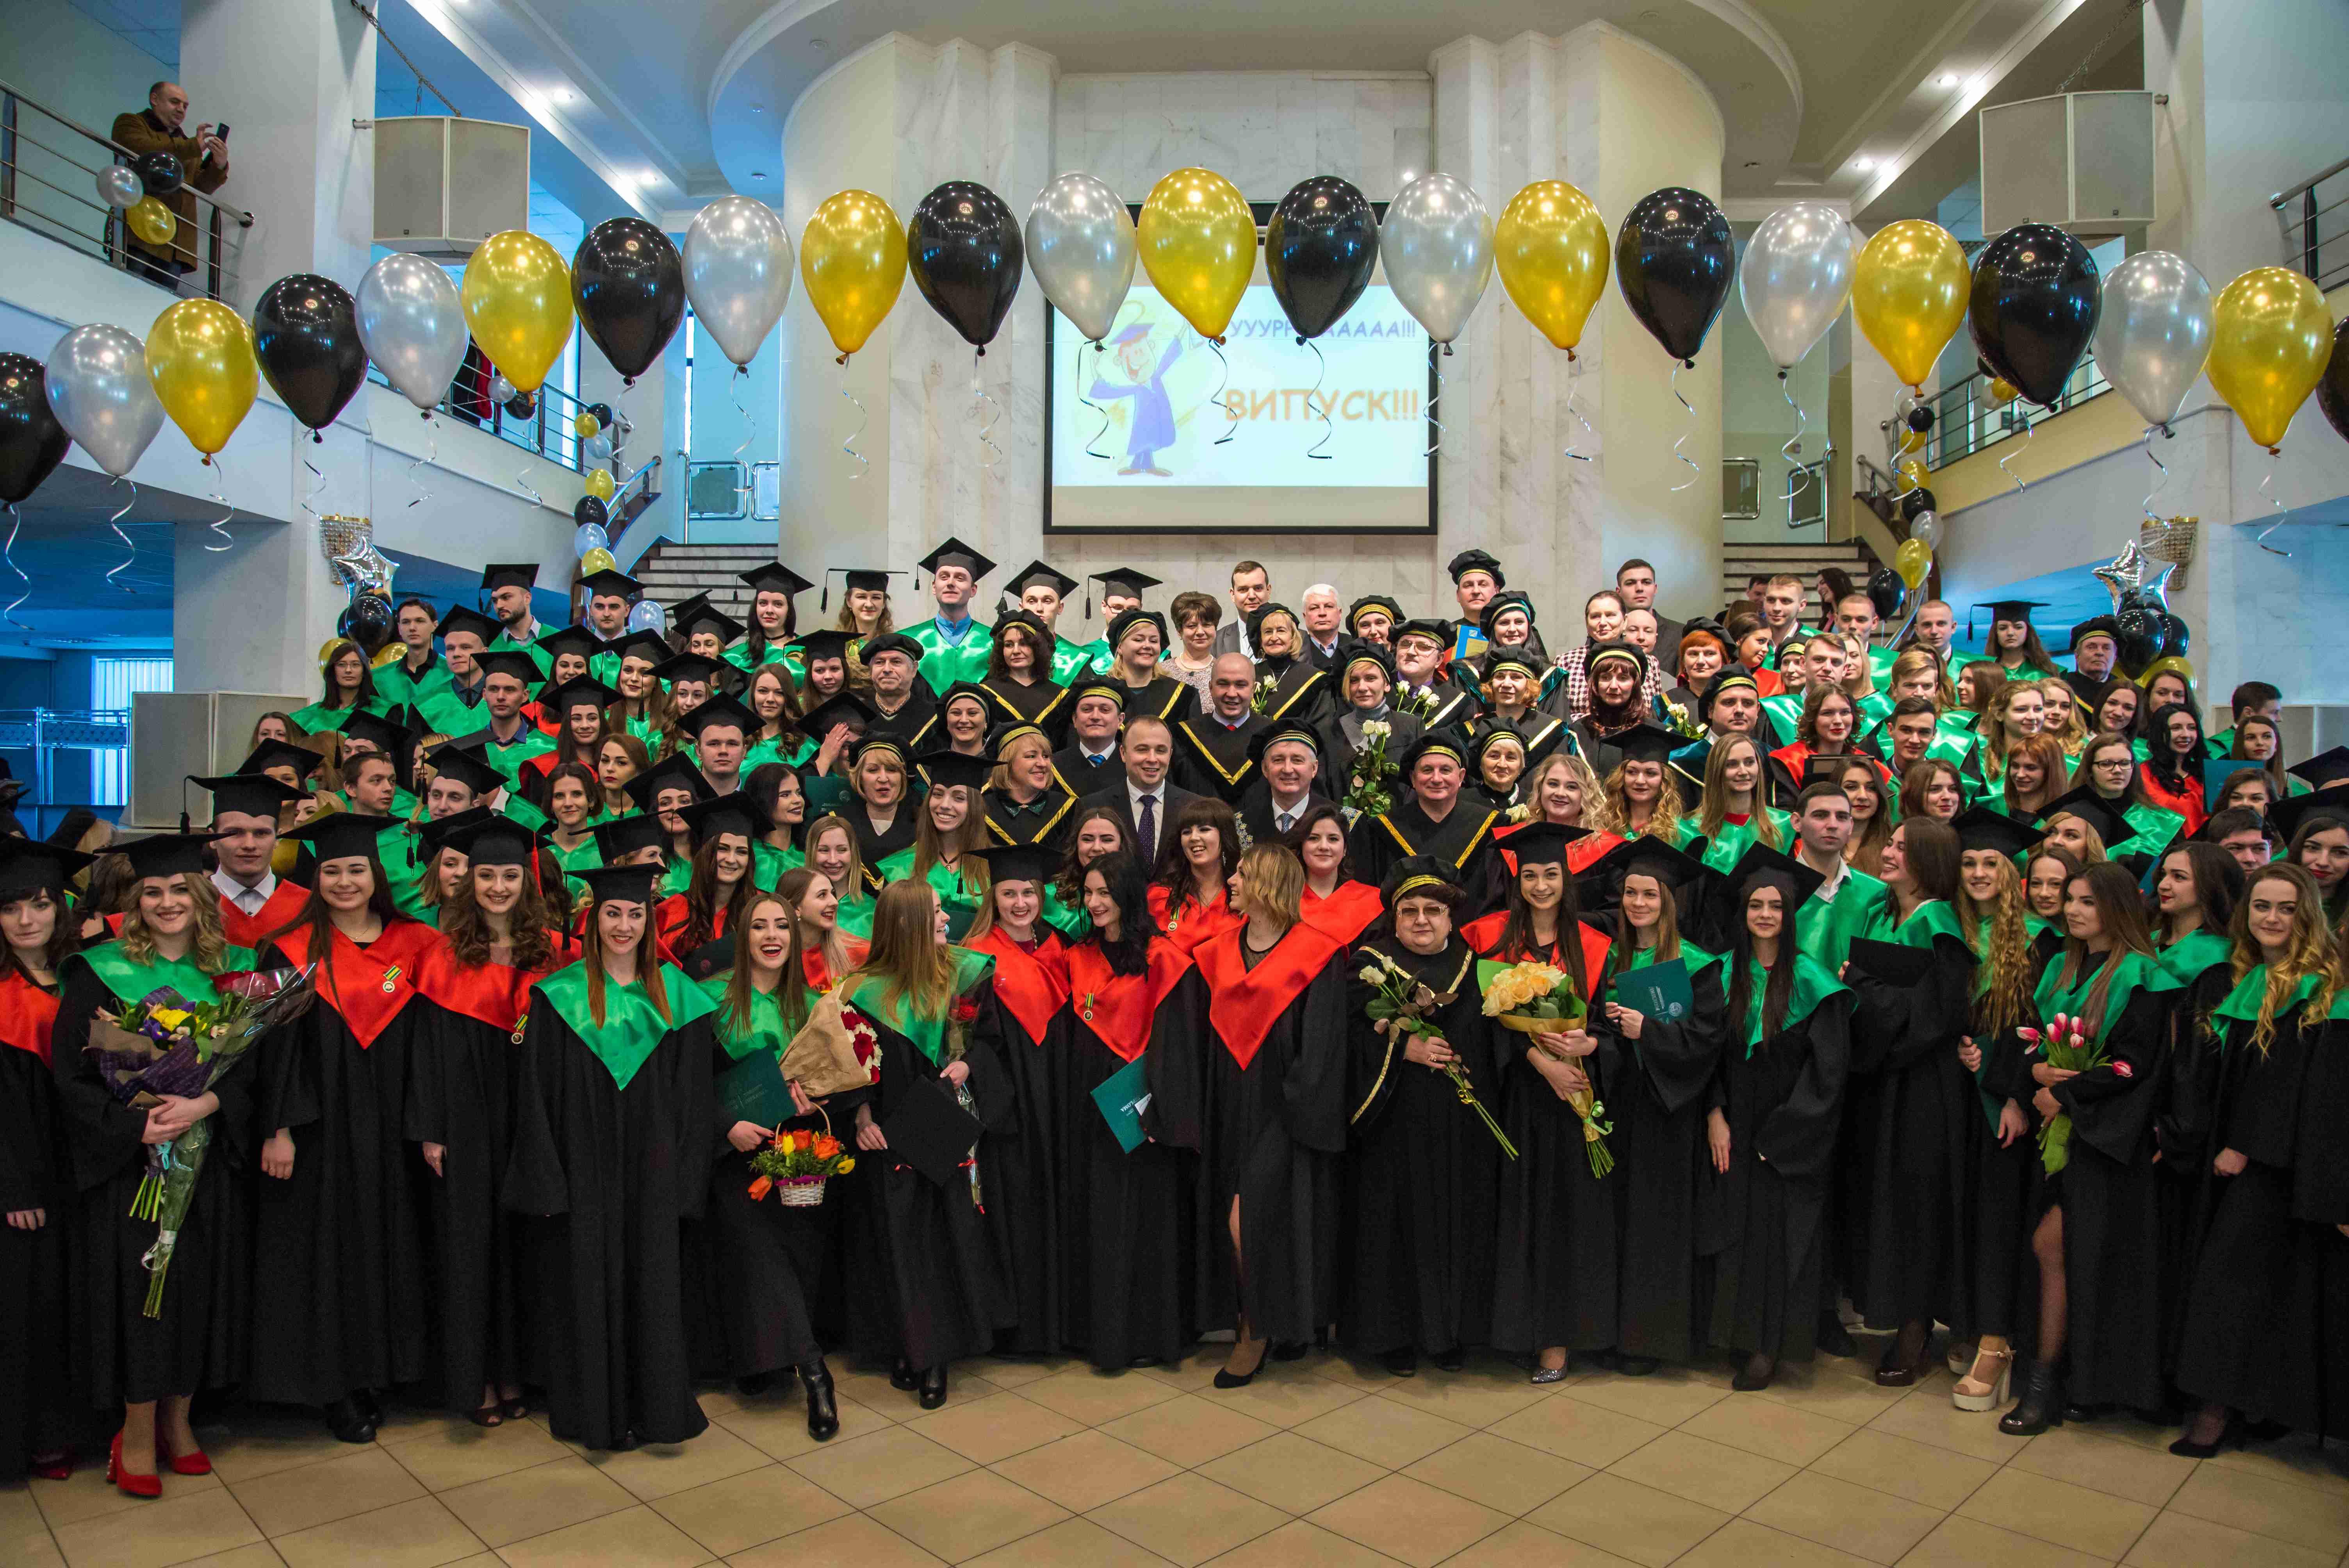 Відбувся випуск магістрів Навчально-наукового інституту обліку, аналізу та аудиту